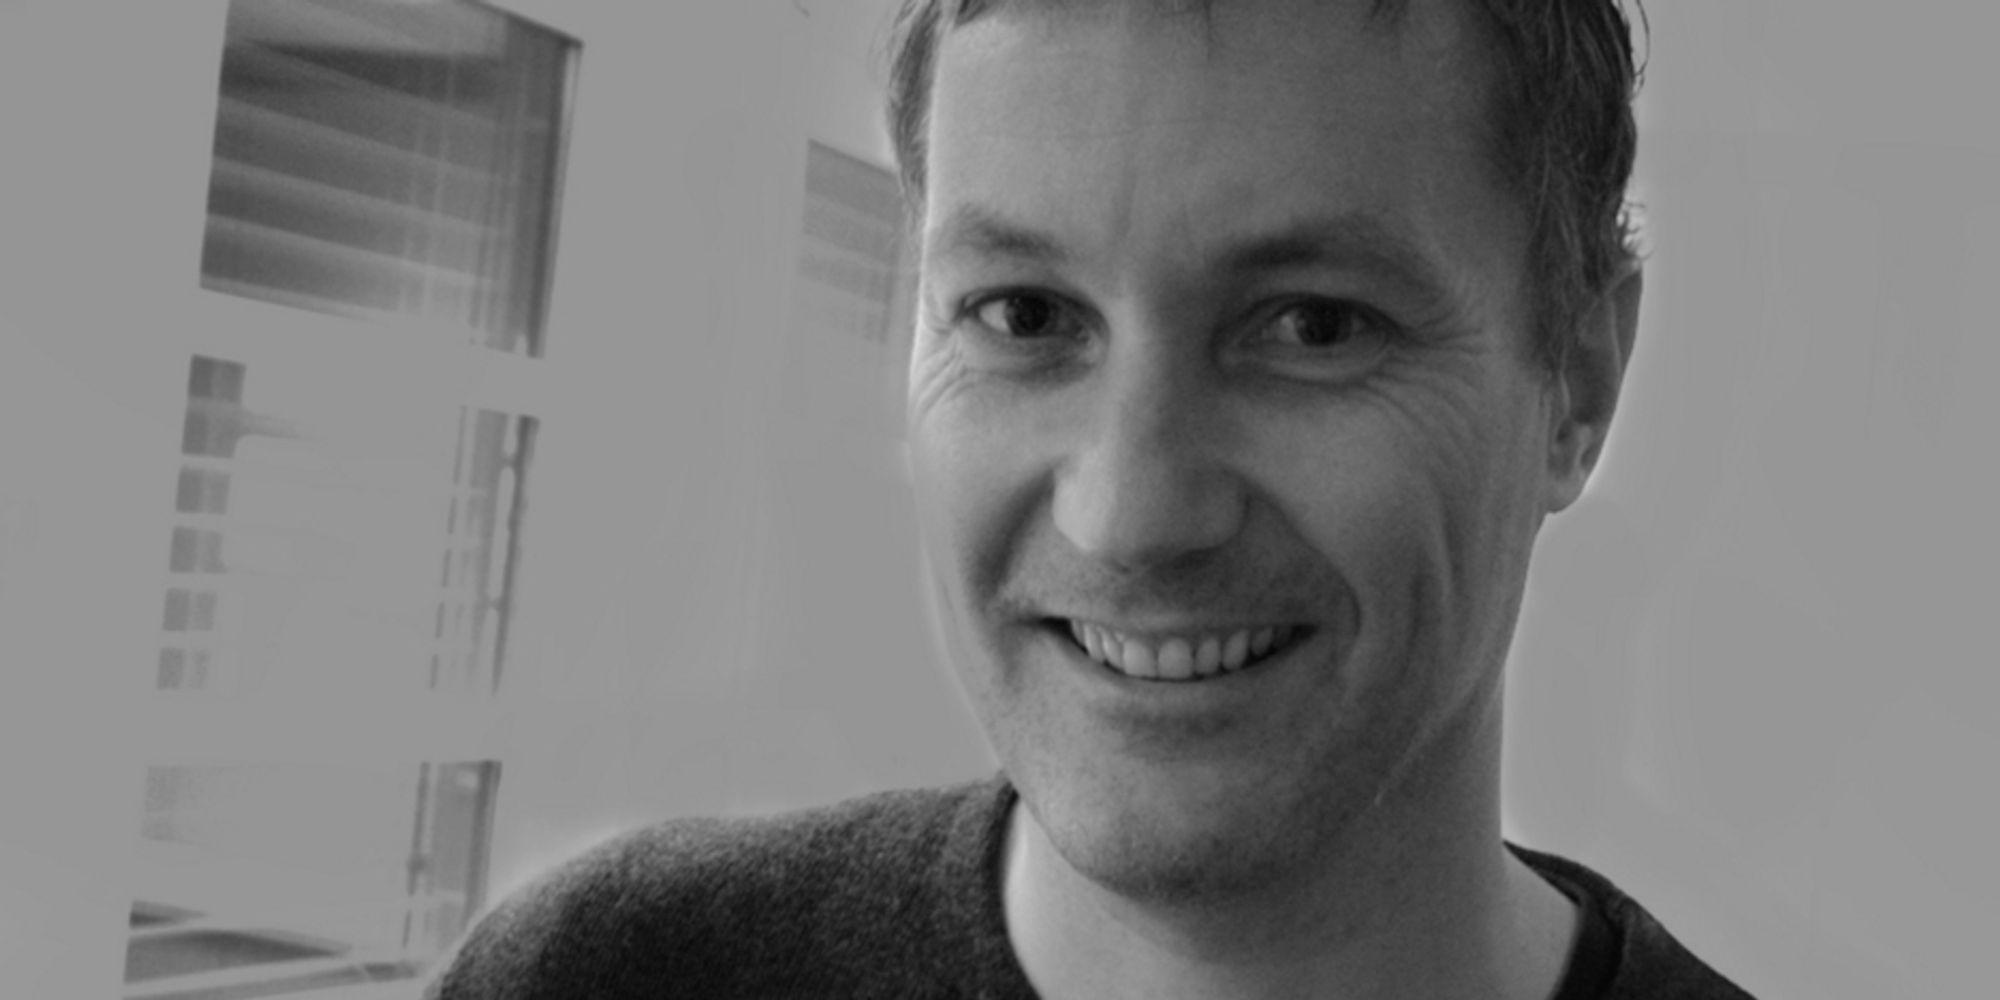 NETTSATSING: Svein-Erik Hole er ansatt som nettsjef i Teknisk Ukeblad Media.